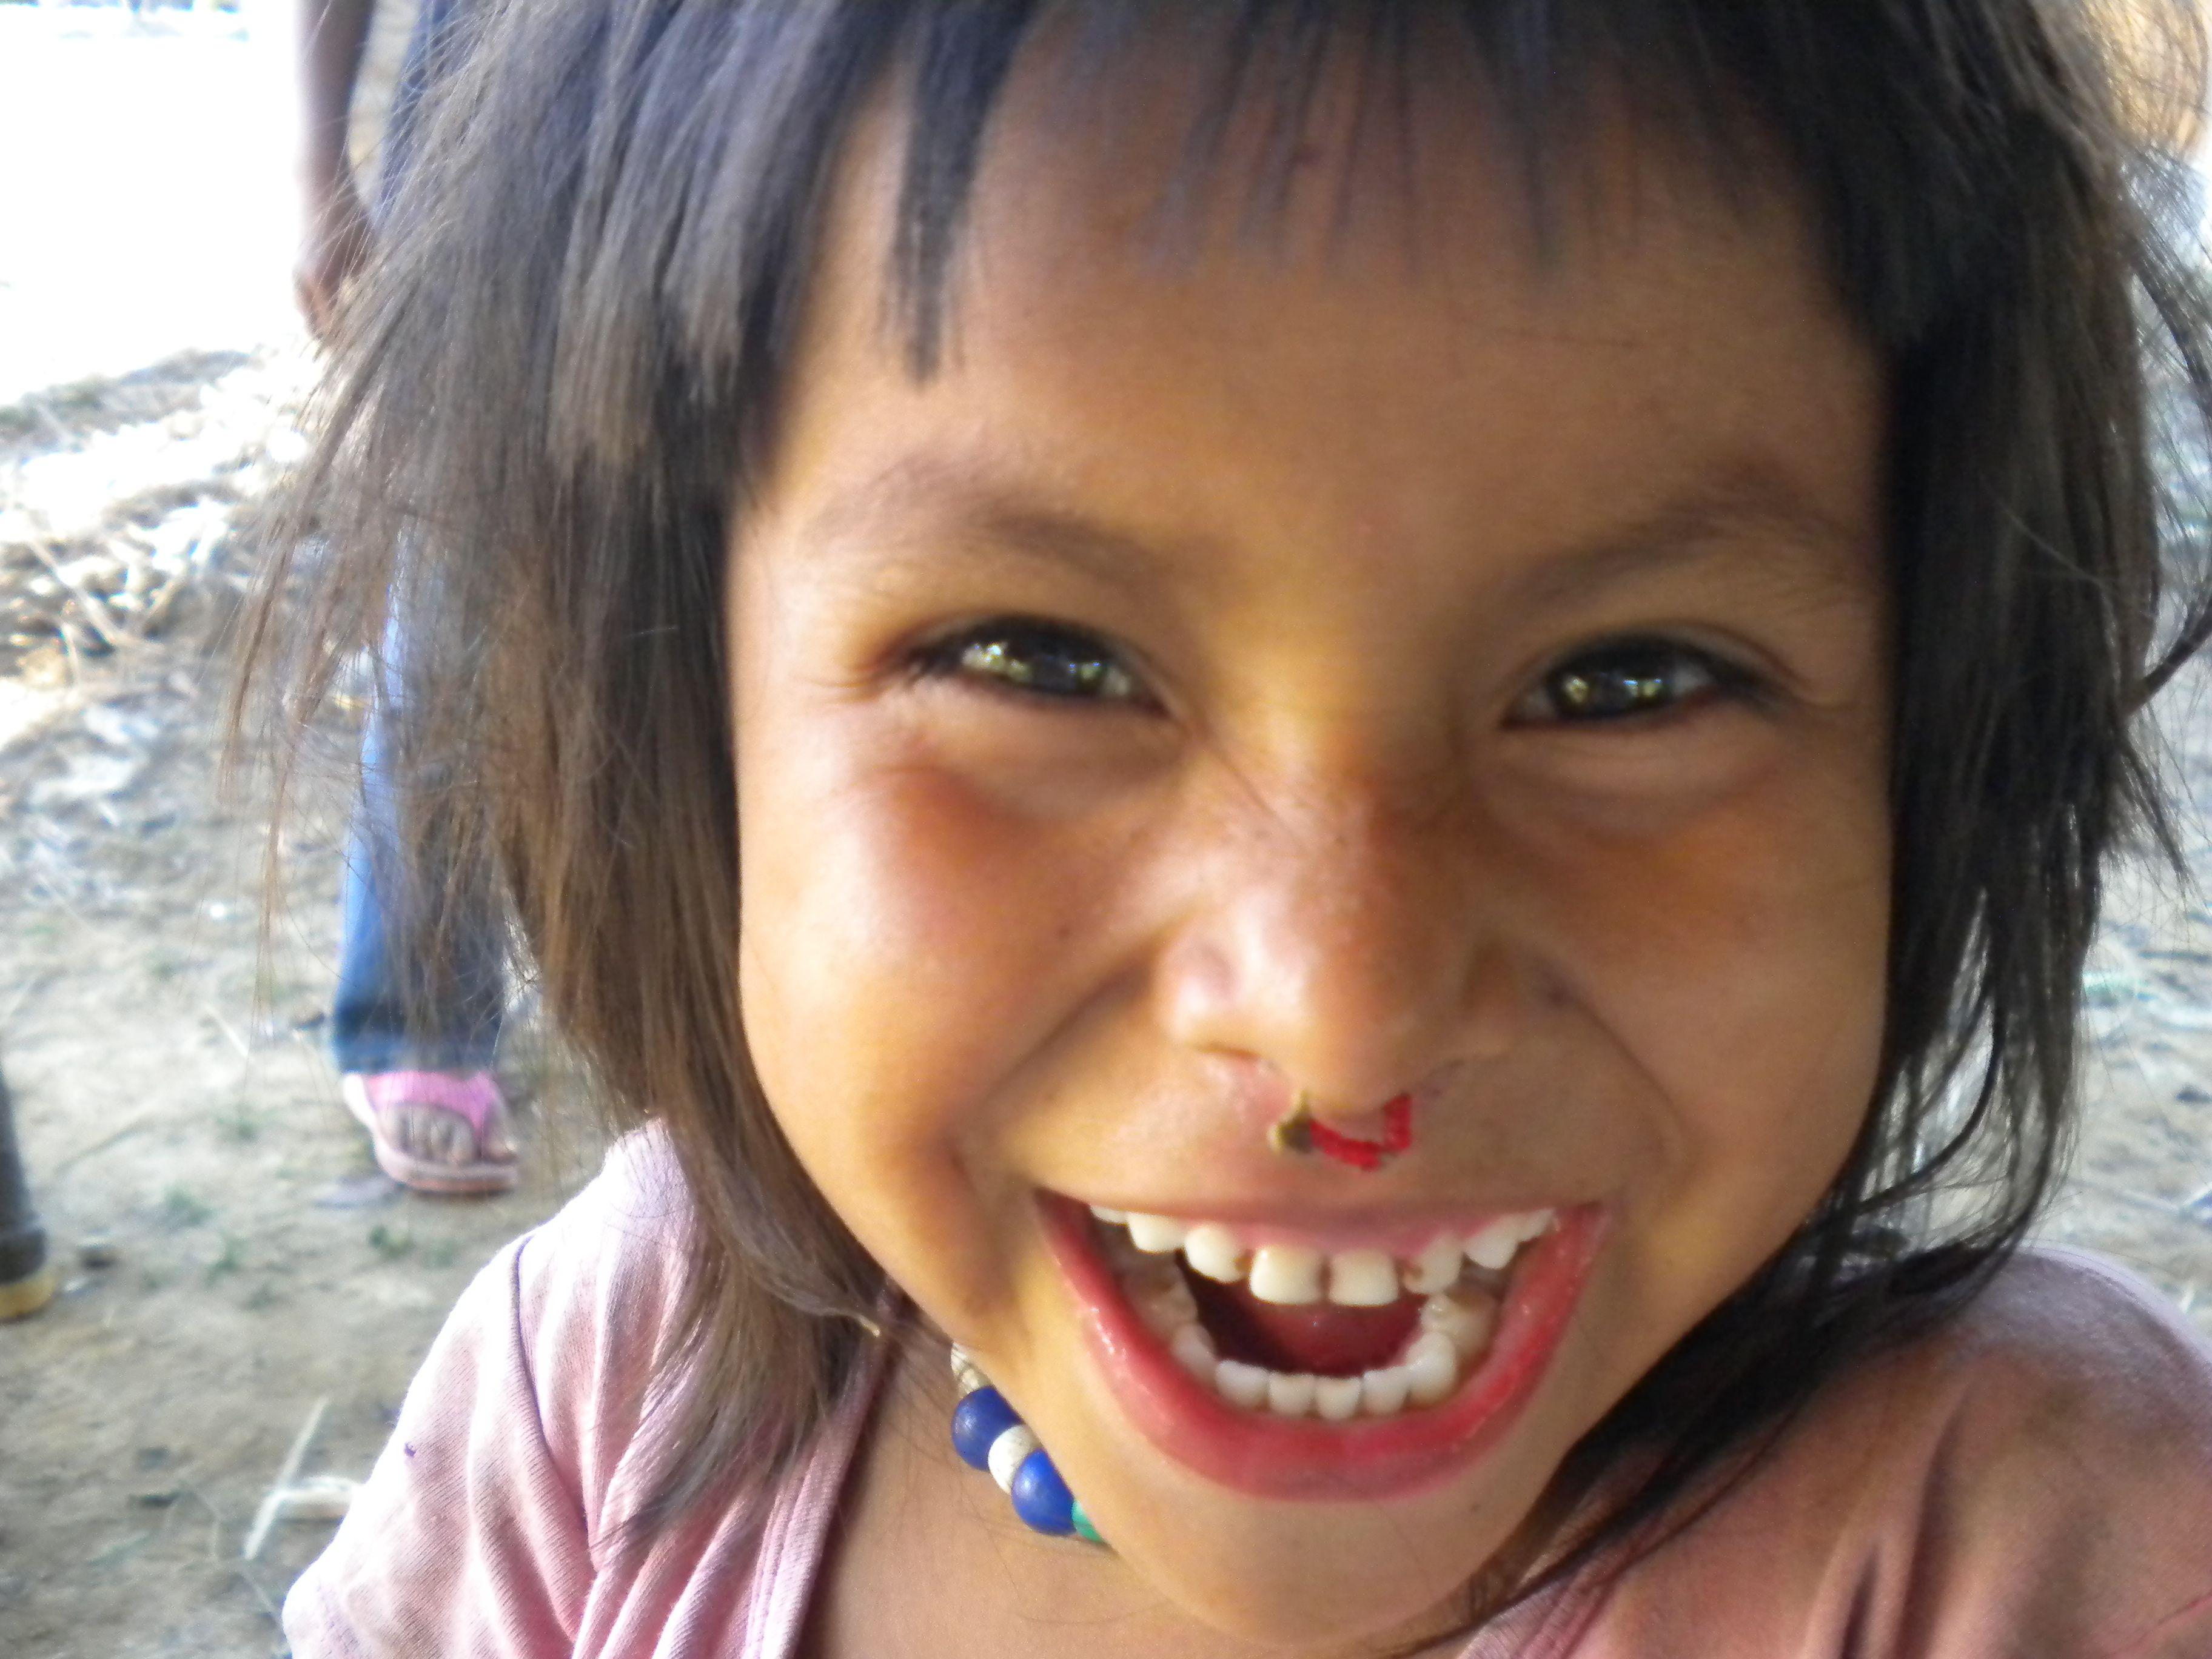 Peruvian nose jewelry | Picking Pics | Pinterest | Nose jewelry